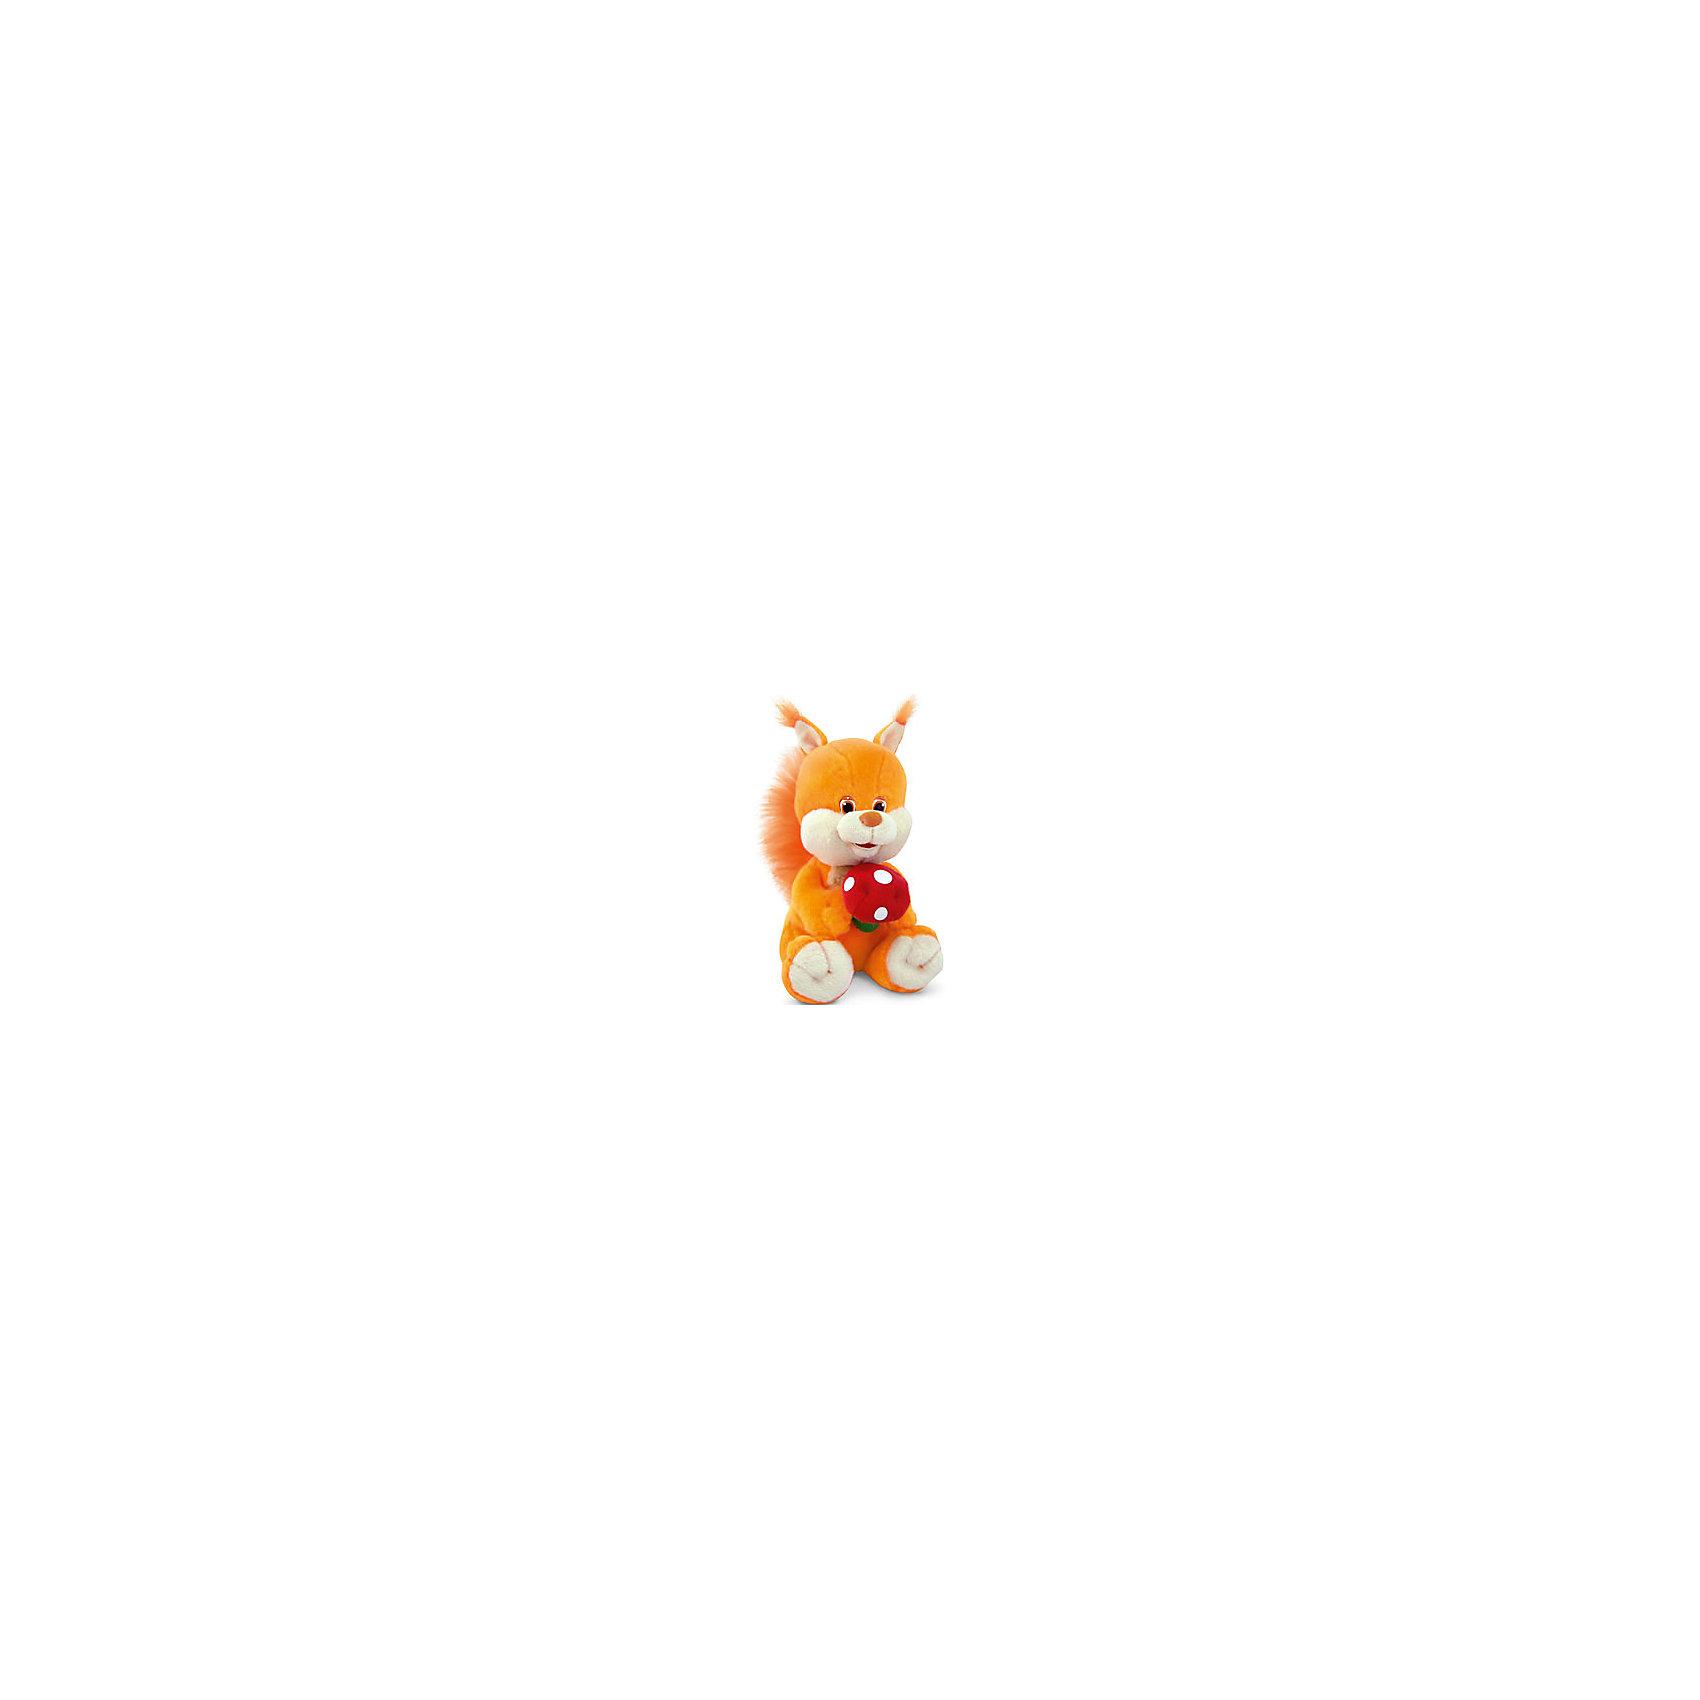 Белка, музыкальная, 19,5 см, LAVAЗвери и птицы<br>Симпатичная мягкая игрушка сделана в виде Белки с грибом в лапках. Она поможет ребенку проводить время весело и с пользой (такие игрушки развивают воображение и моторику). В игрушке есть встроенный звуковой модуль, работающий на батарейках.<br>Размер игрушки универсален - 19,5 сантиметров, её удобно брать с собой в поездки и на прогулку. Сделана Белка из качественных и безопасных для ребенка материалов, которые еще и приятны на ощупь. Эта игрушка может стать и отличным подарком для взрослого.<br><br>Дополнительная информация:<br><br>- материал: текстиль, пластик;<br>- звуковой модуль;<br>- язык: русский;<br>- работает на батарейках;<br>- высота: 19,5 см.<br><br>Игрушку Белка, музыкальная, 19,5 см, от марки LAVA можно купить в нашем магазине.<br><br>Ширина мм: 9999<br>Глубина мм: 9999<br>Высота мм: 195<br>Вес г: 197<br>Возраст от месяцев: 36<br>Возраст до месяцев: 1188<br>Пол: Унисекс<br>Возраст: Детский<br>SKU: 4701870